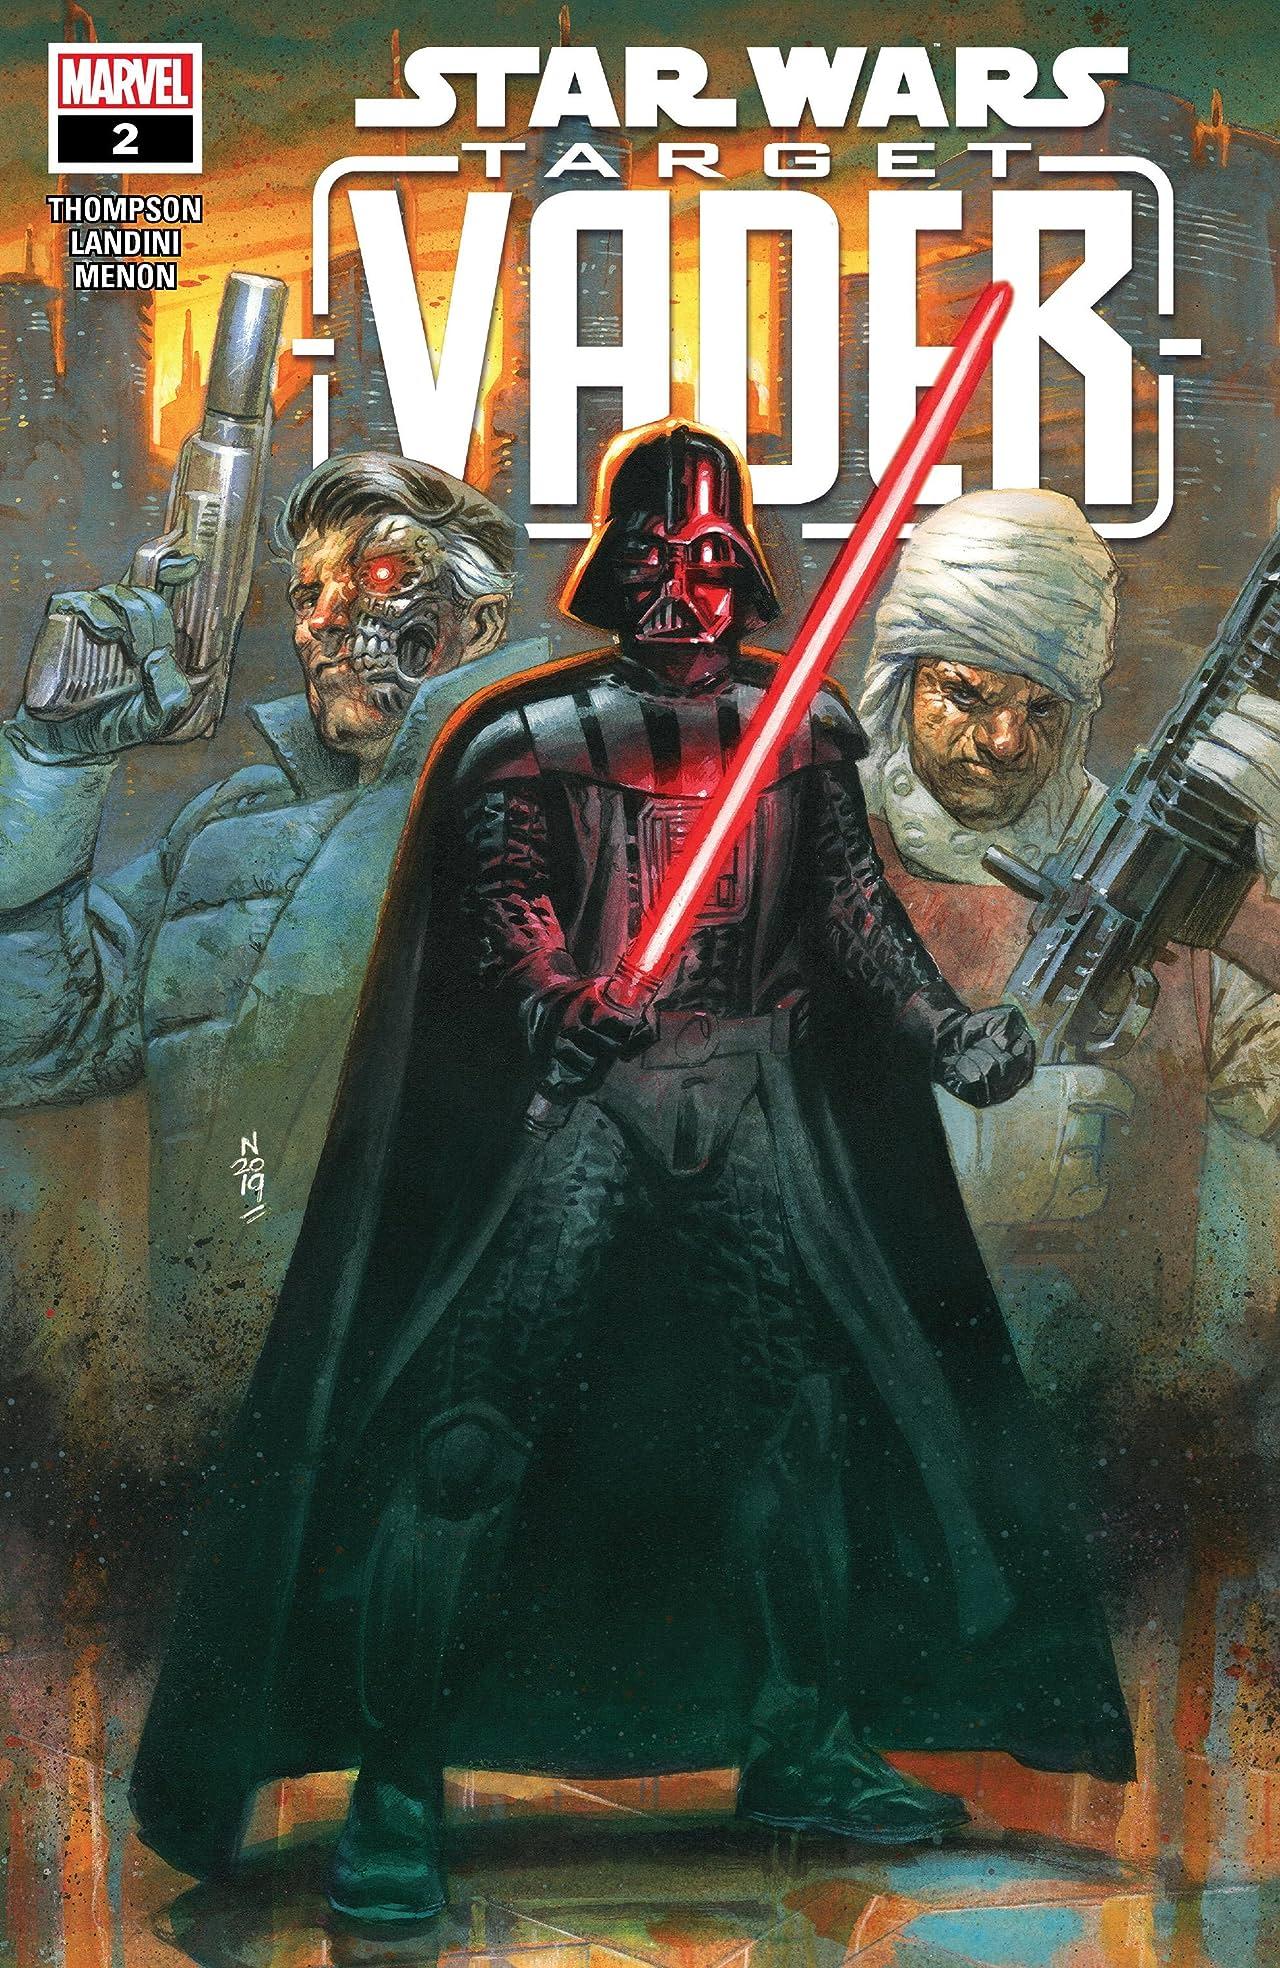 Star Wars: Target Vader (2019-) No.2 (sur 6)